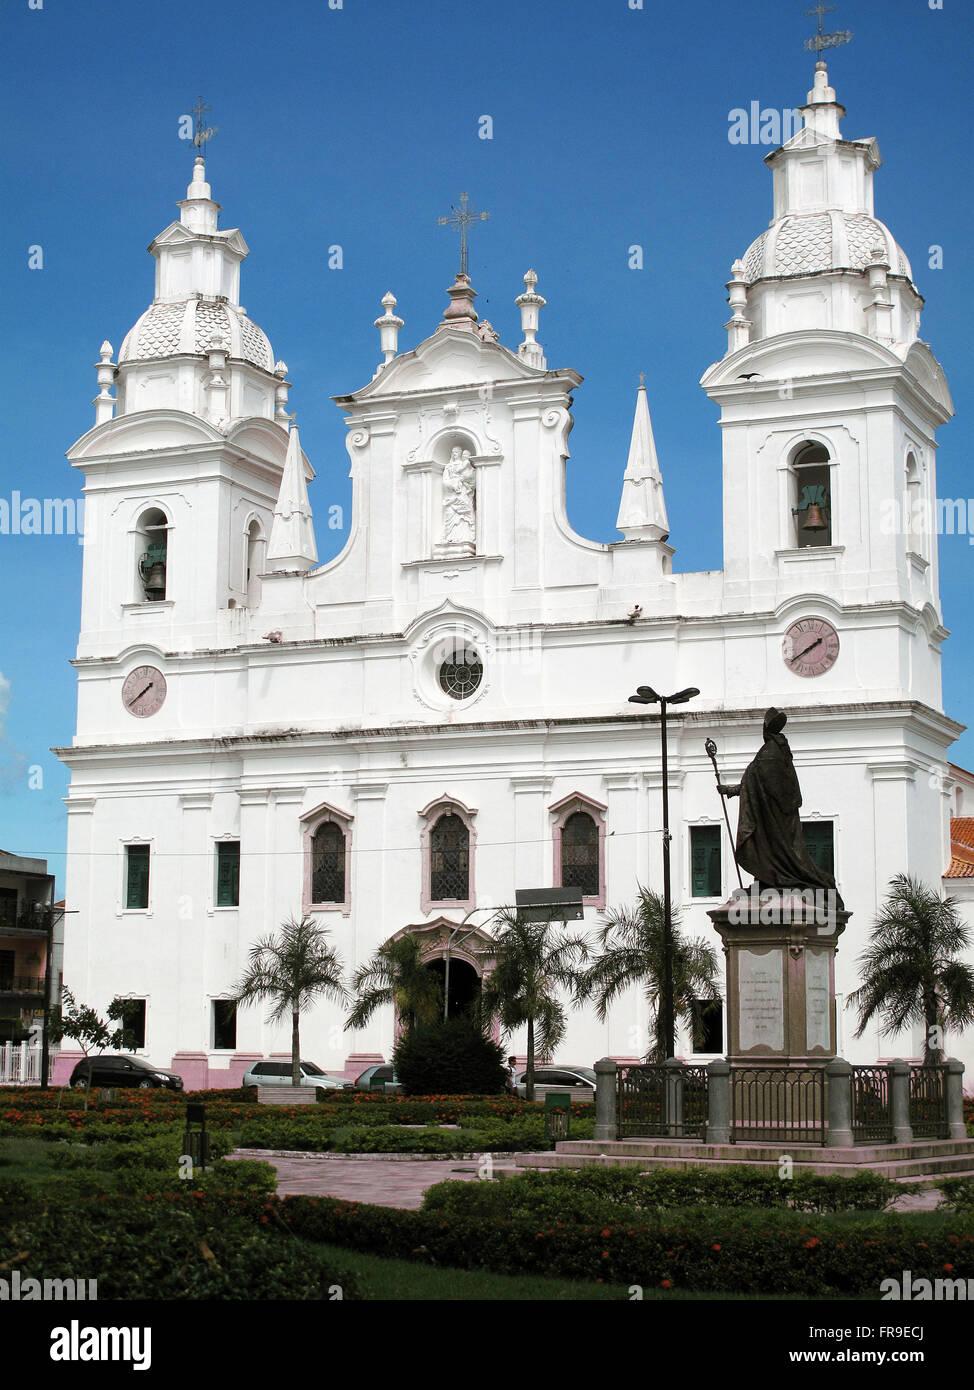 Catedral Metropolitana de Belem - Construction 1748 - Praca Dom Frei Caetano Brandao - Stock Image